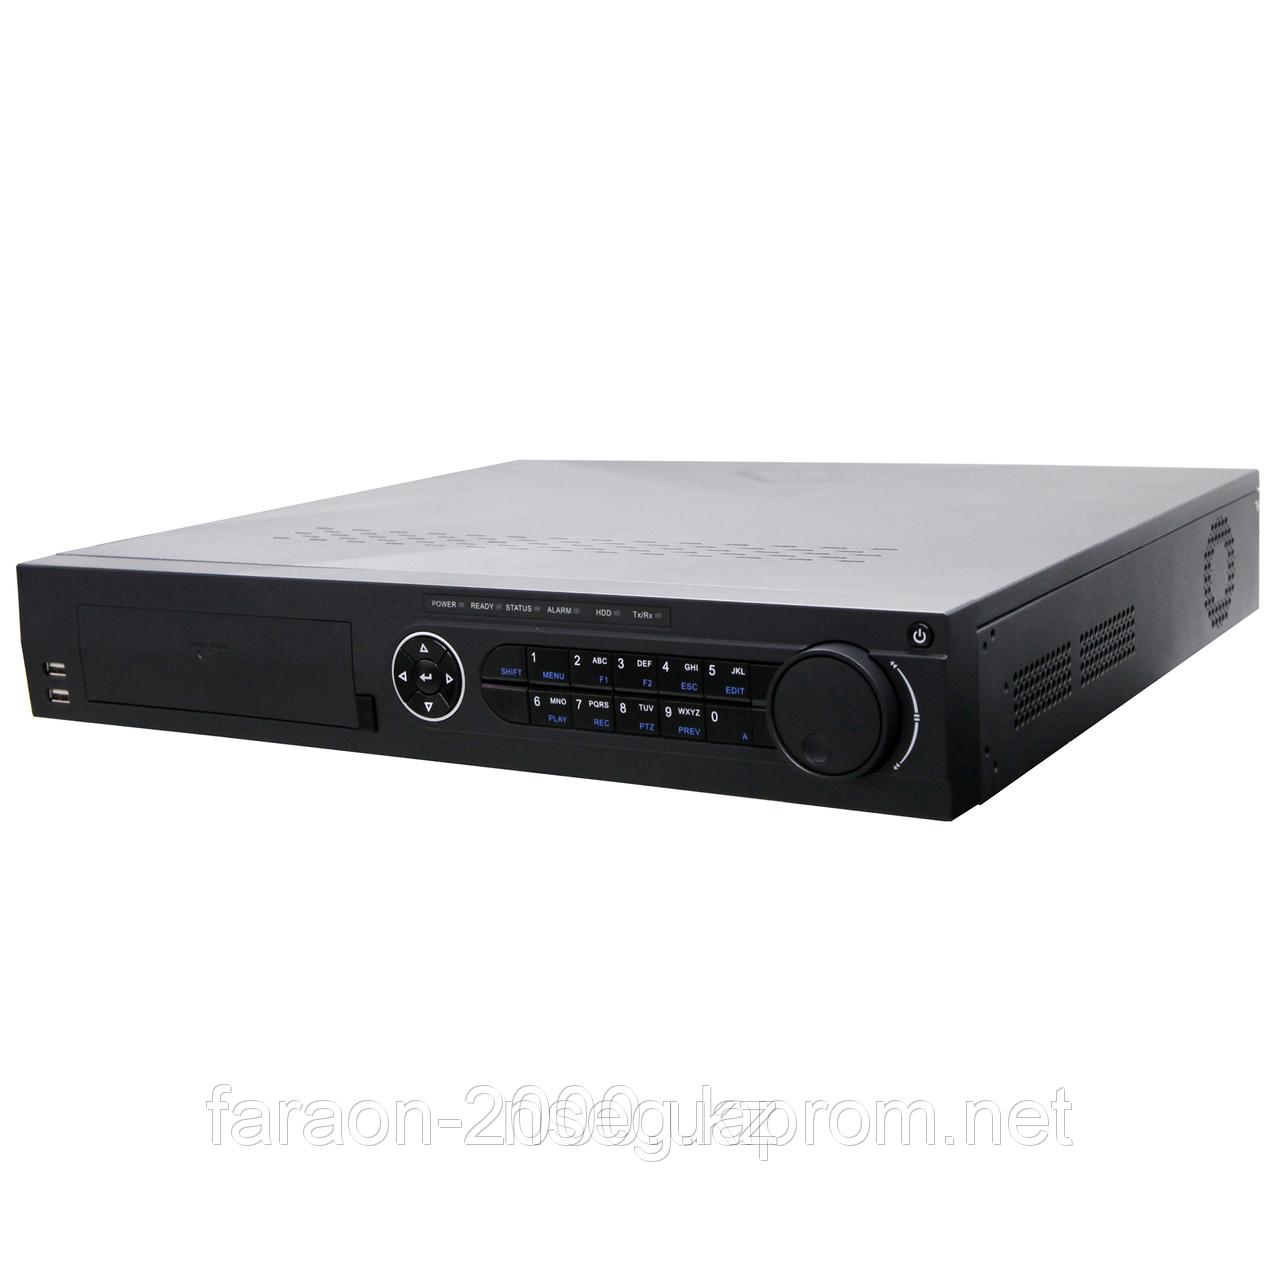 HIKVISION DS-7716NI-E4 16-канальный сетевой видеорегистратор